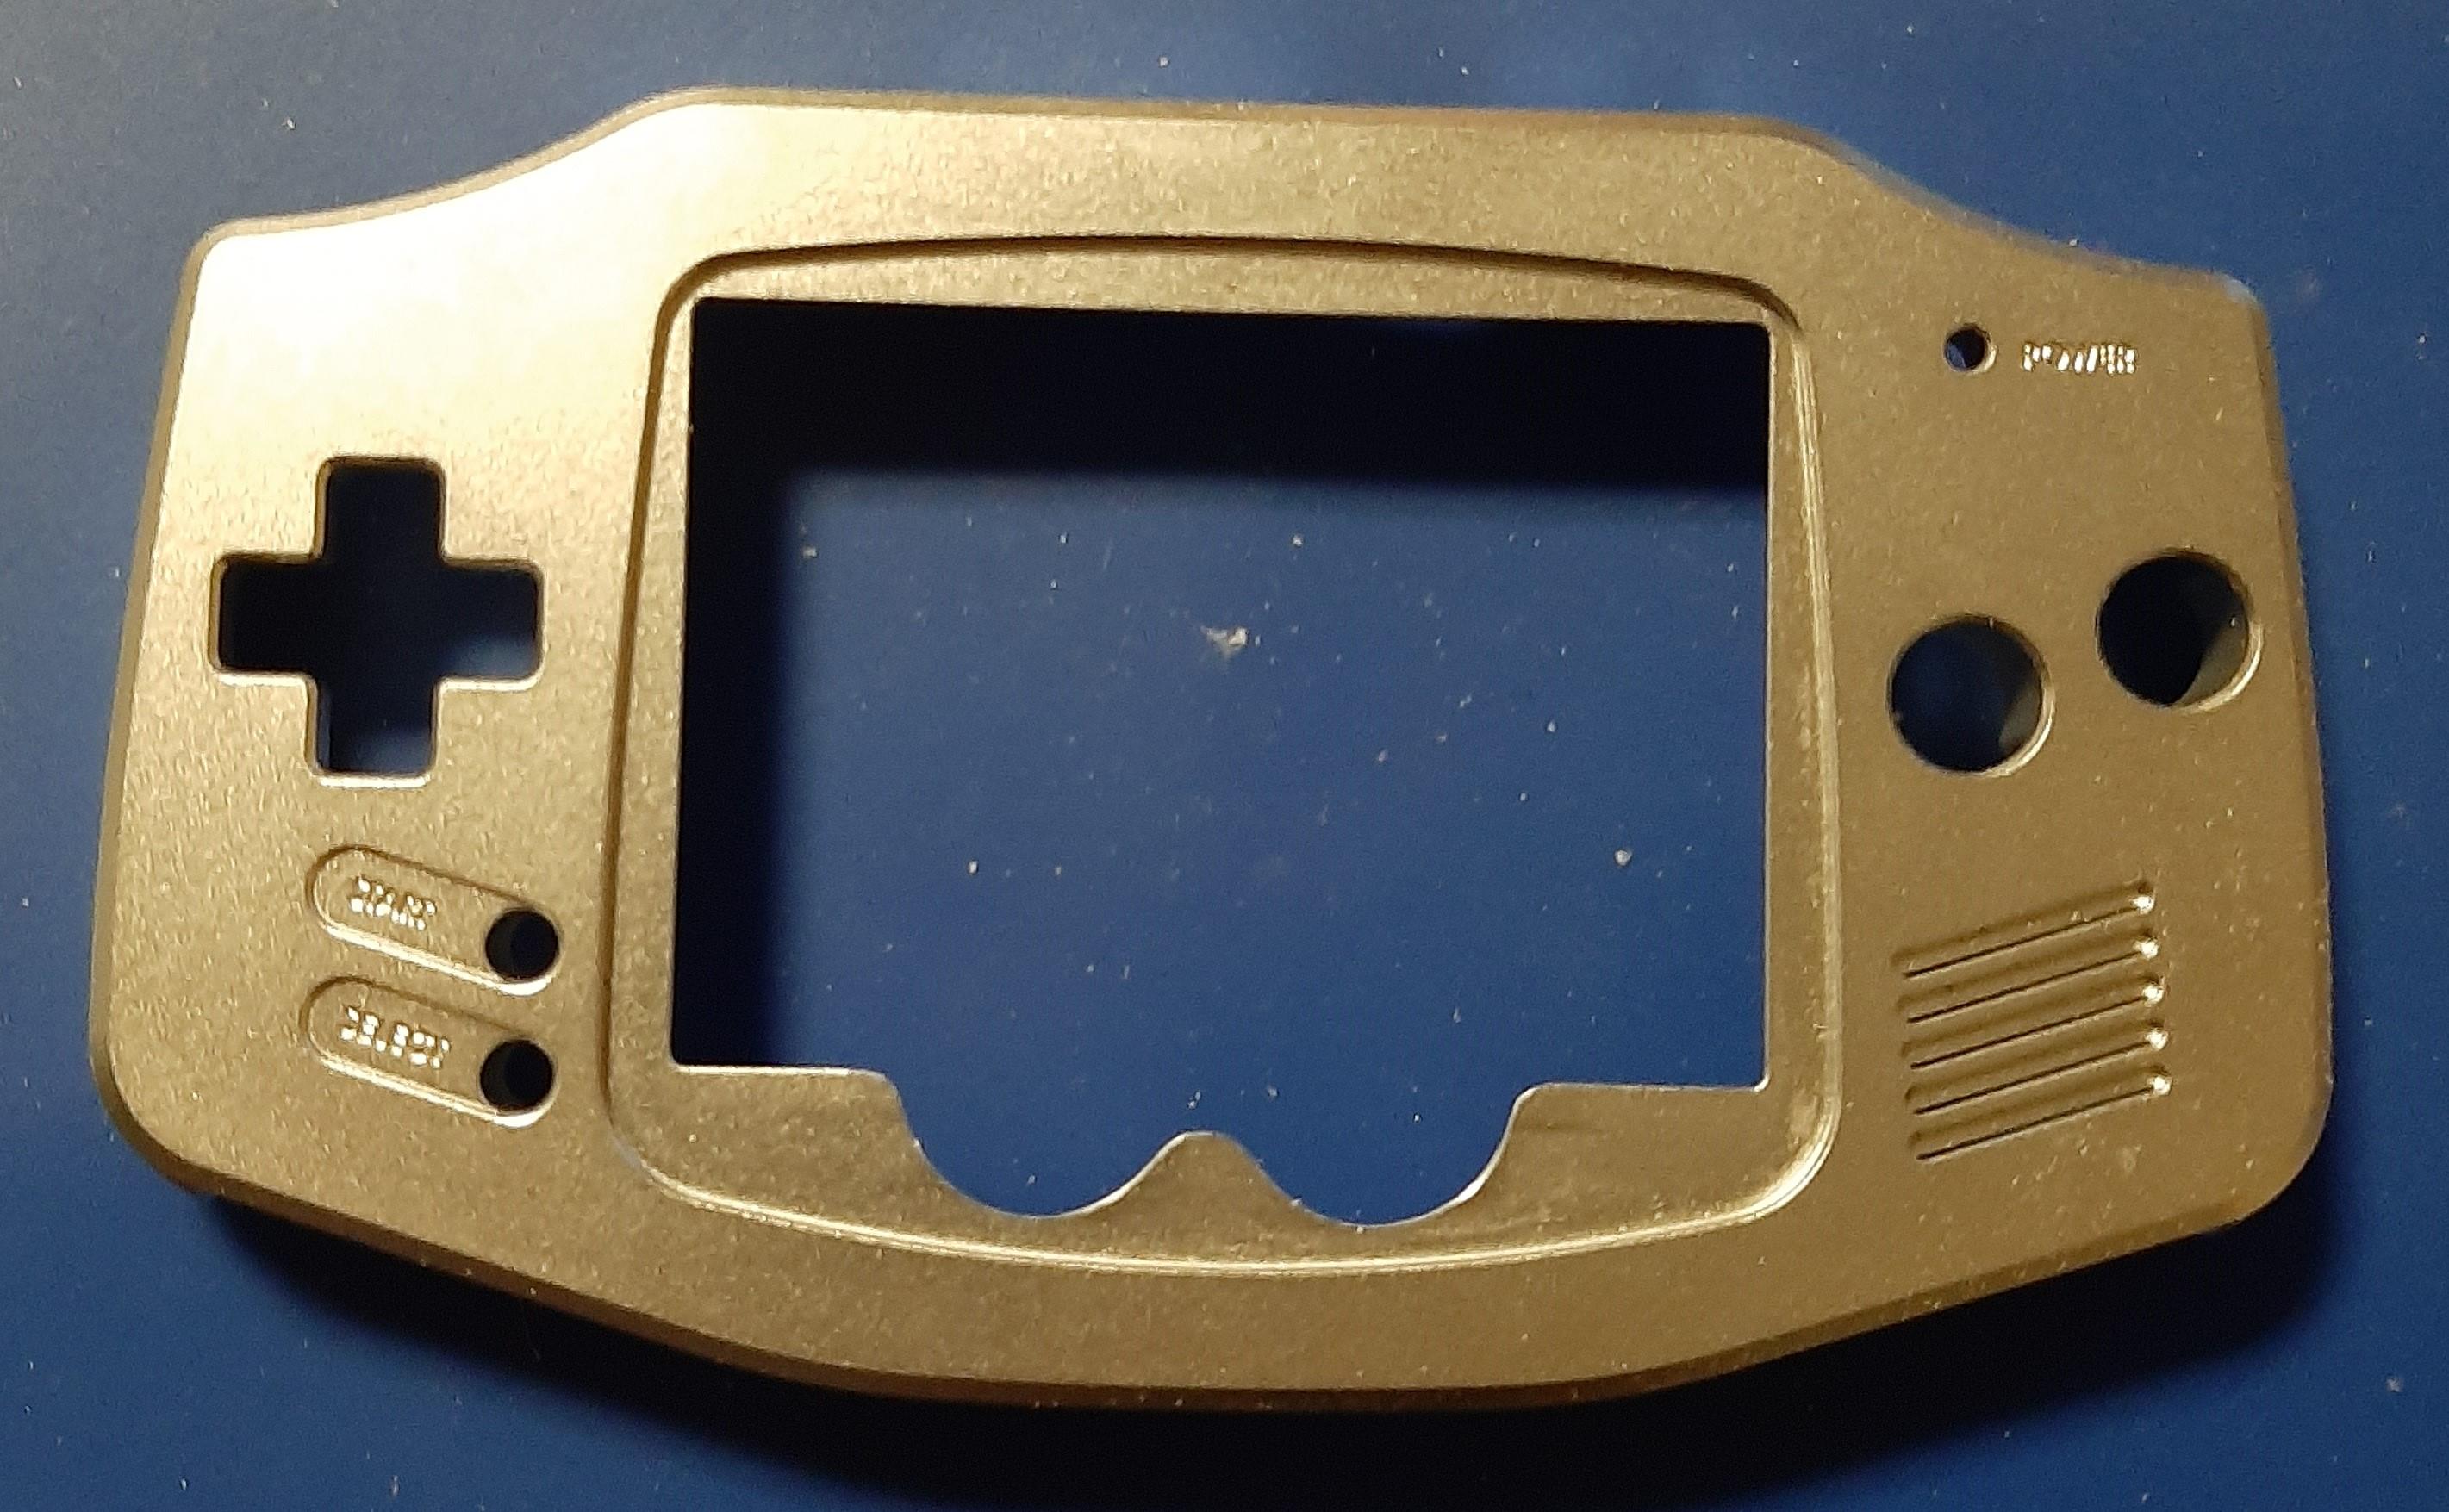 mr hookers gba boxypixle toutch pad ips shell mod .jpg